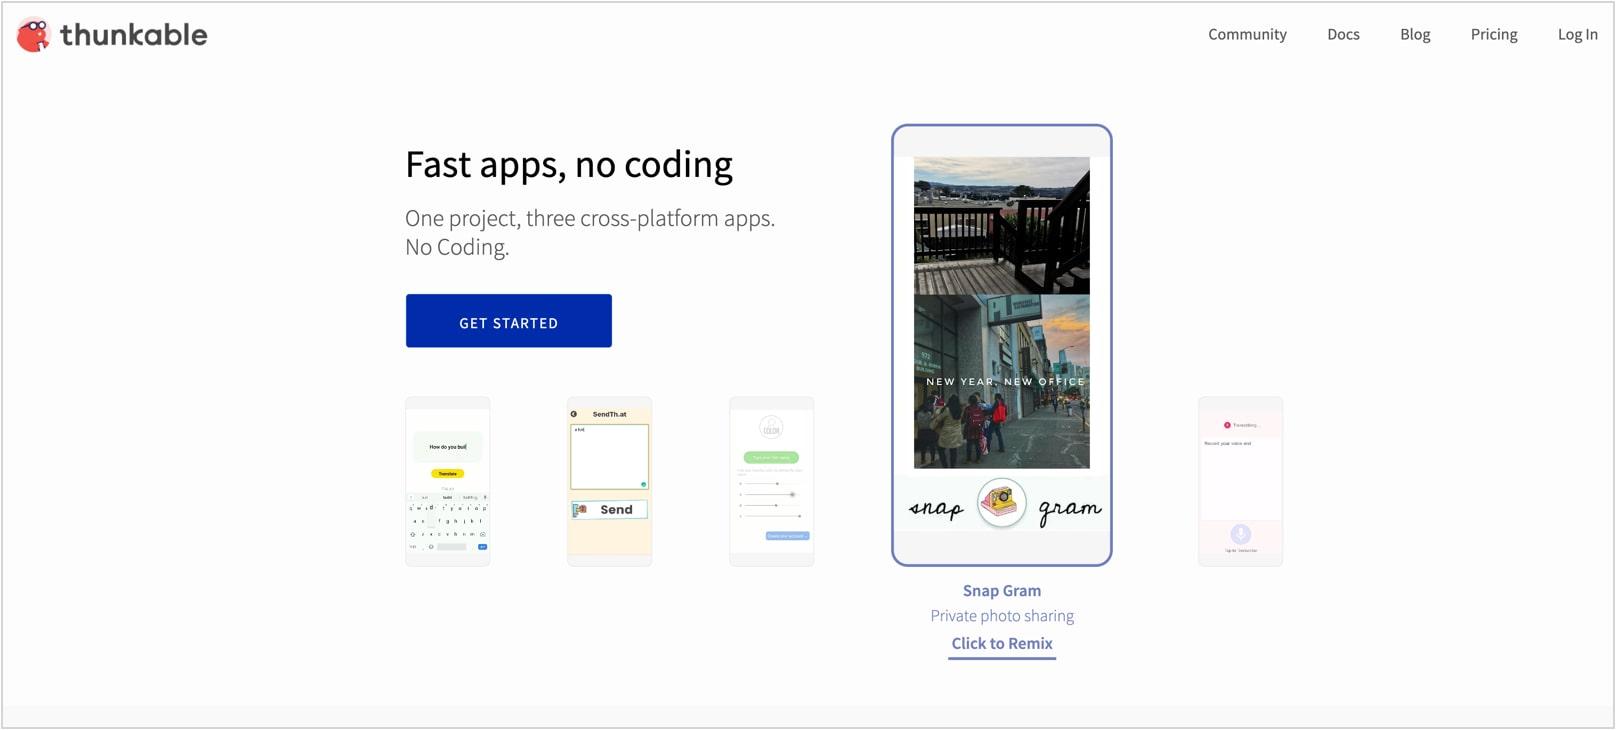 פיתוח אפליקציות לאנדרואיד ואייפון עם Thunkable